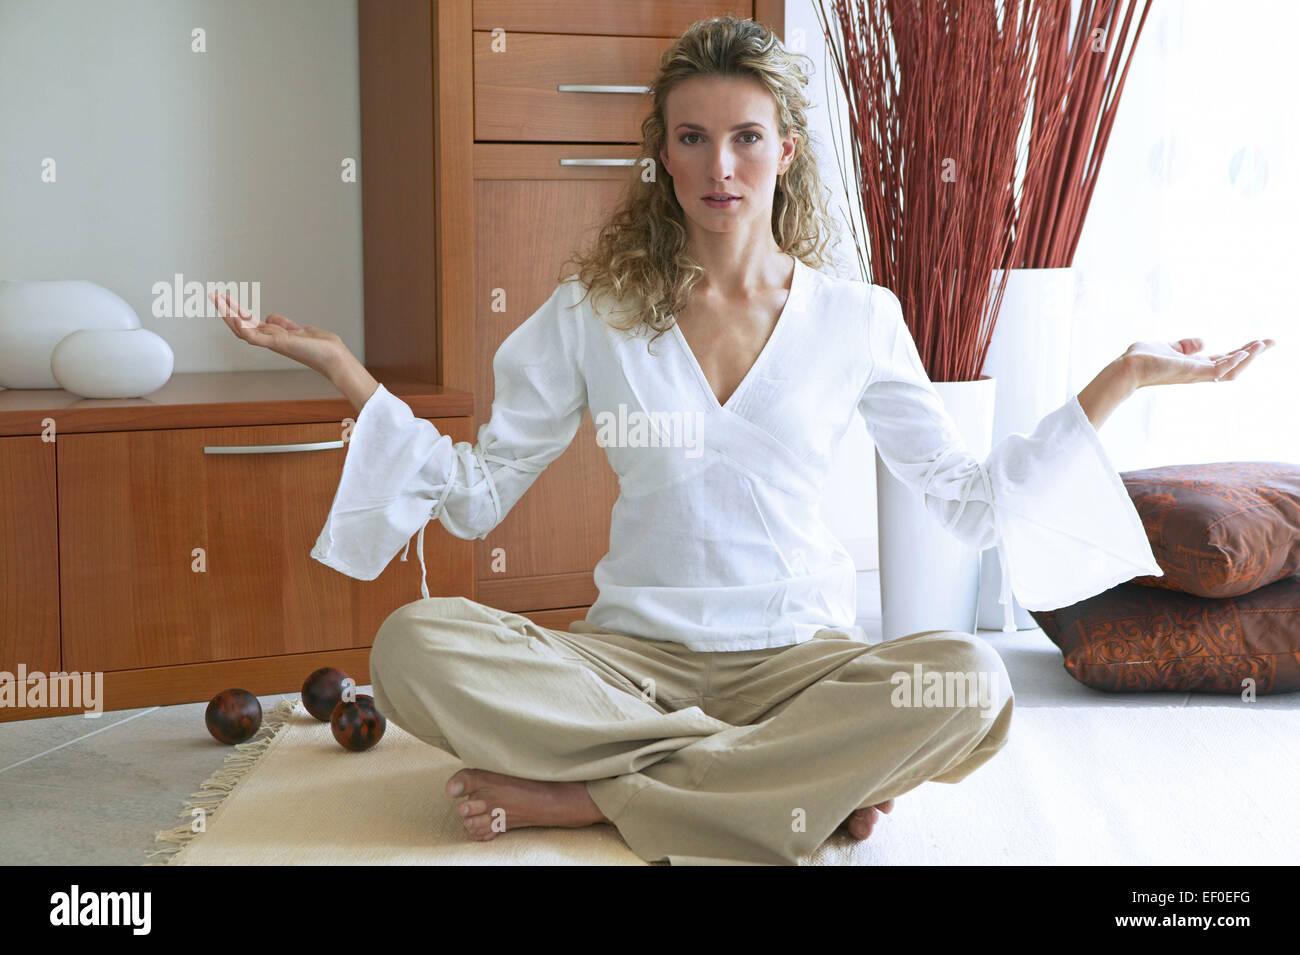 Wohnzimmer Frau Jung Sitzen Meditieren Lotussitz Women Innen